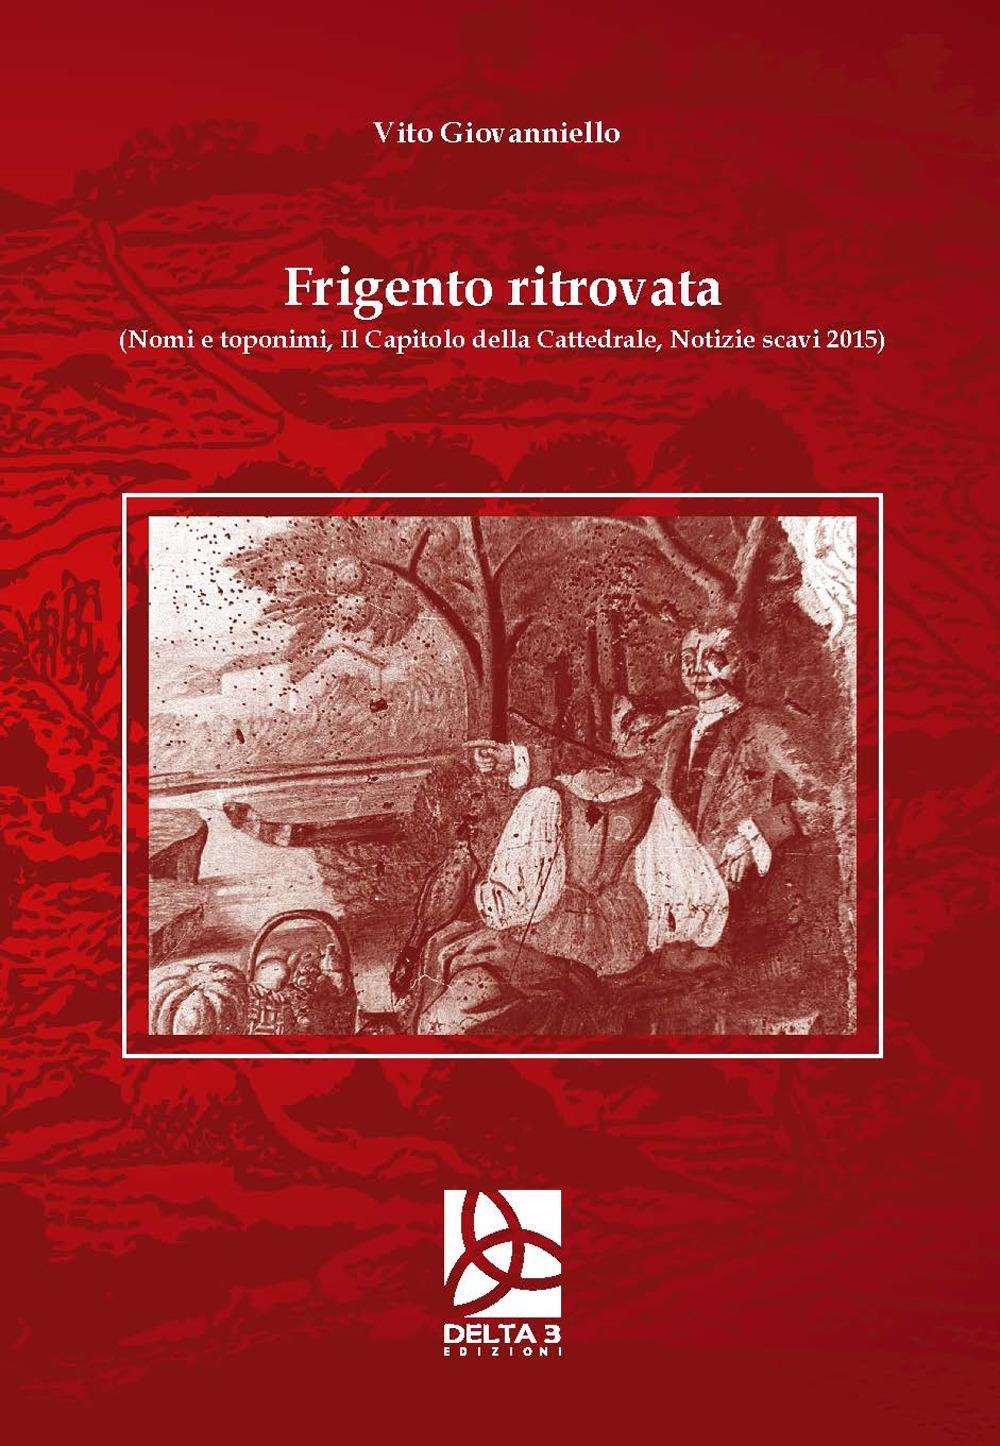 Frigento ritrovata (Nomi e toponimi, il capitolo della cattedrale, notizie scavi 2015)